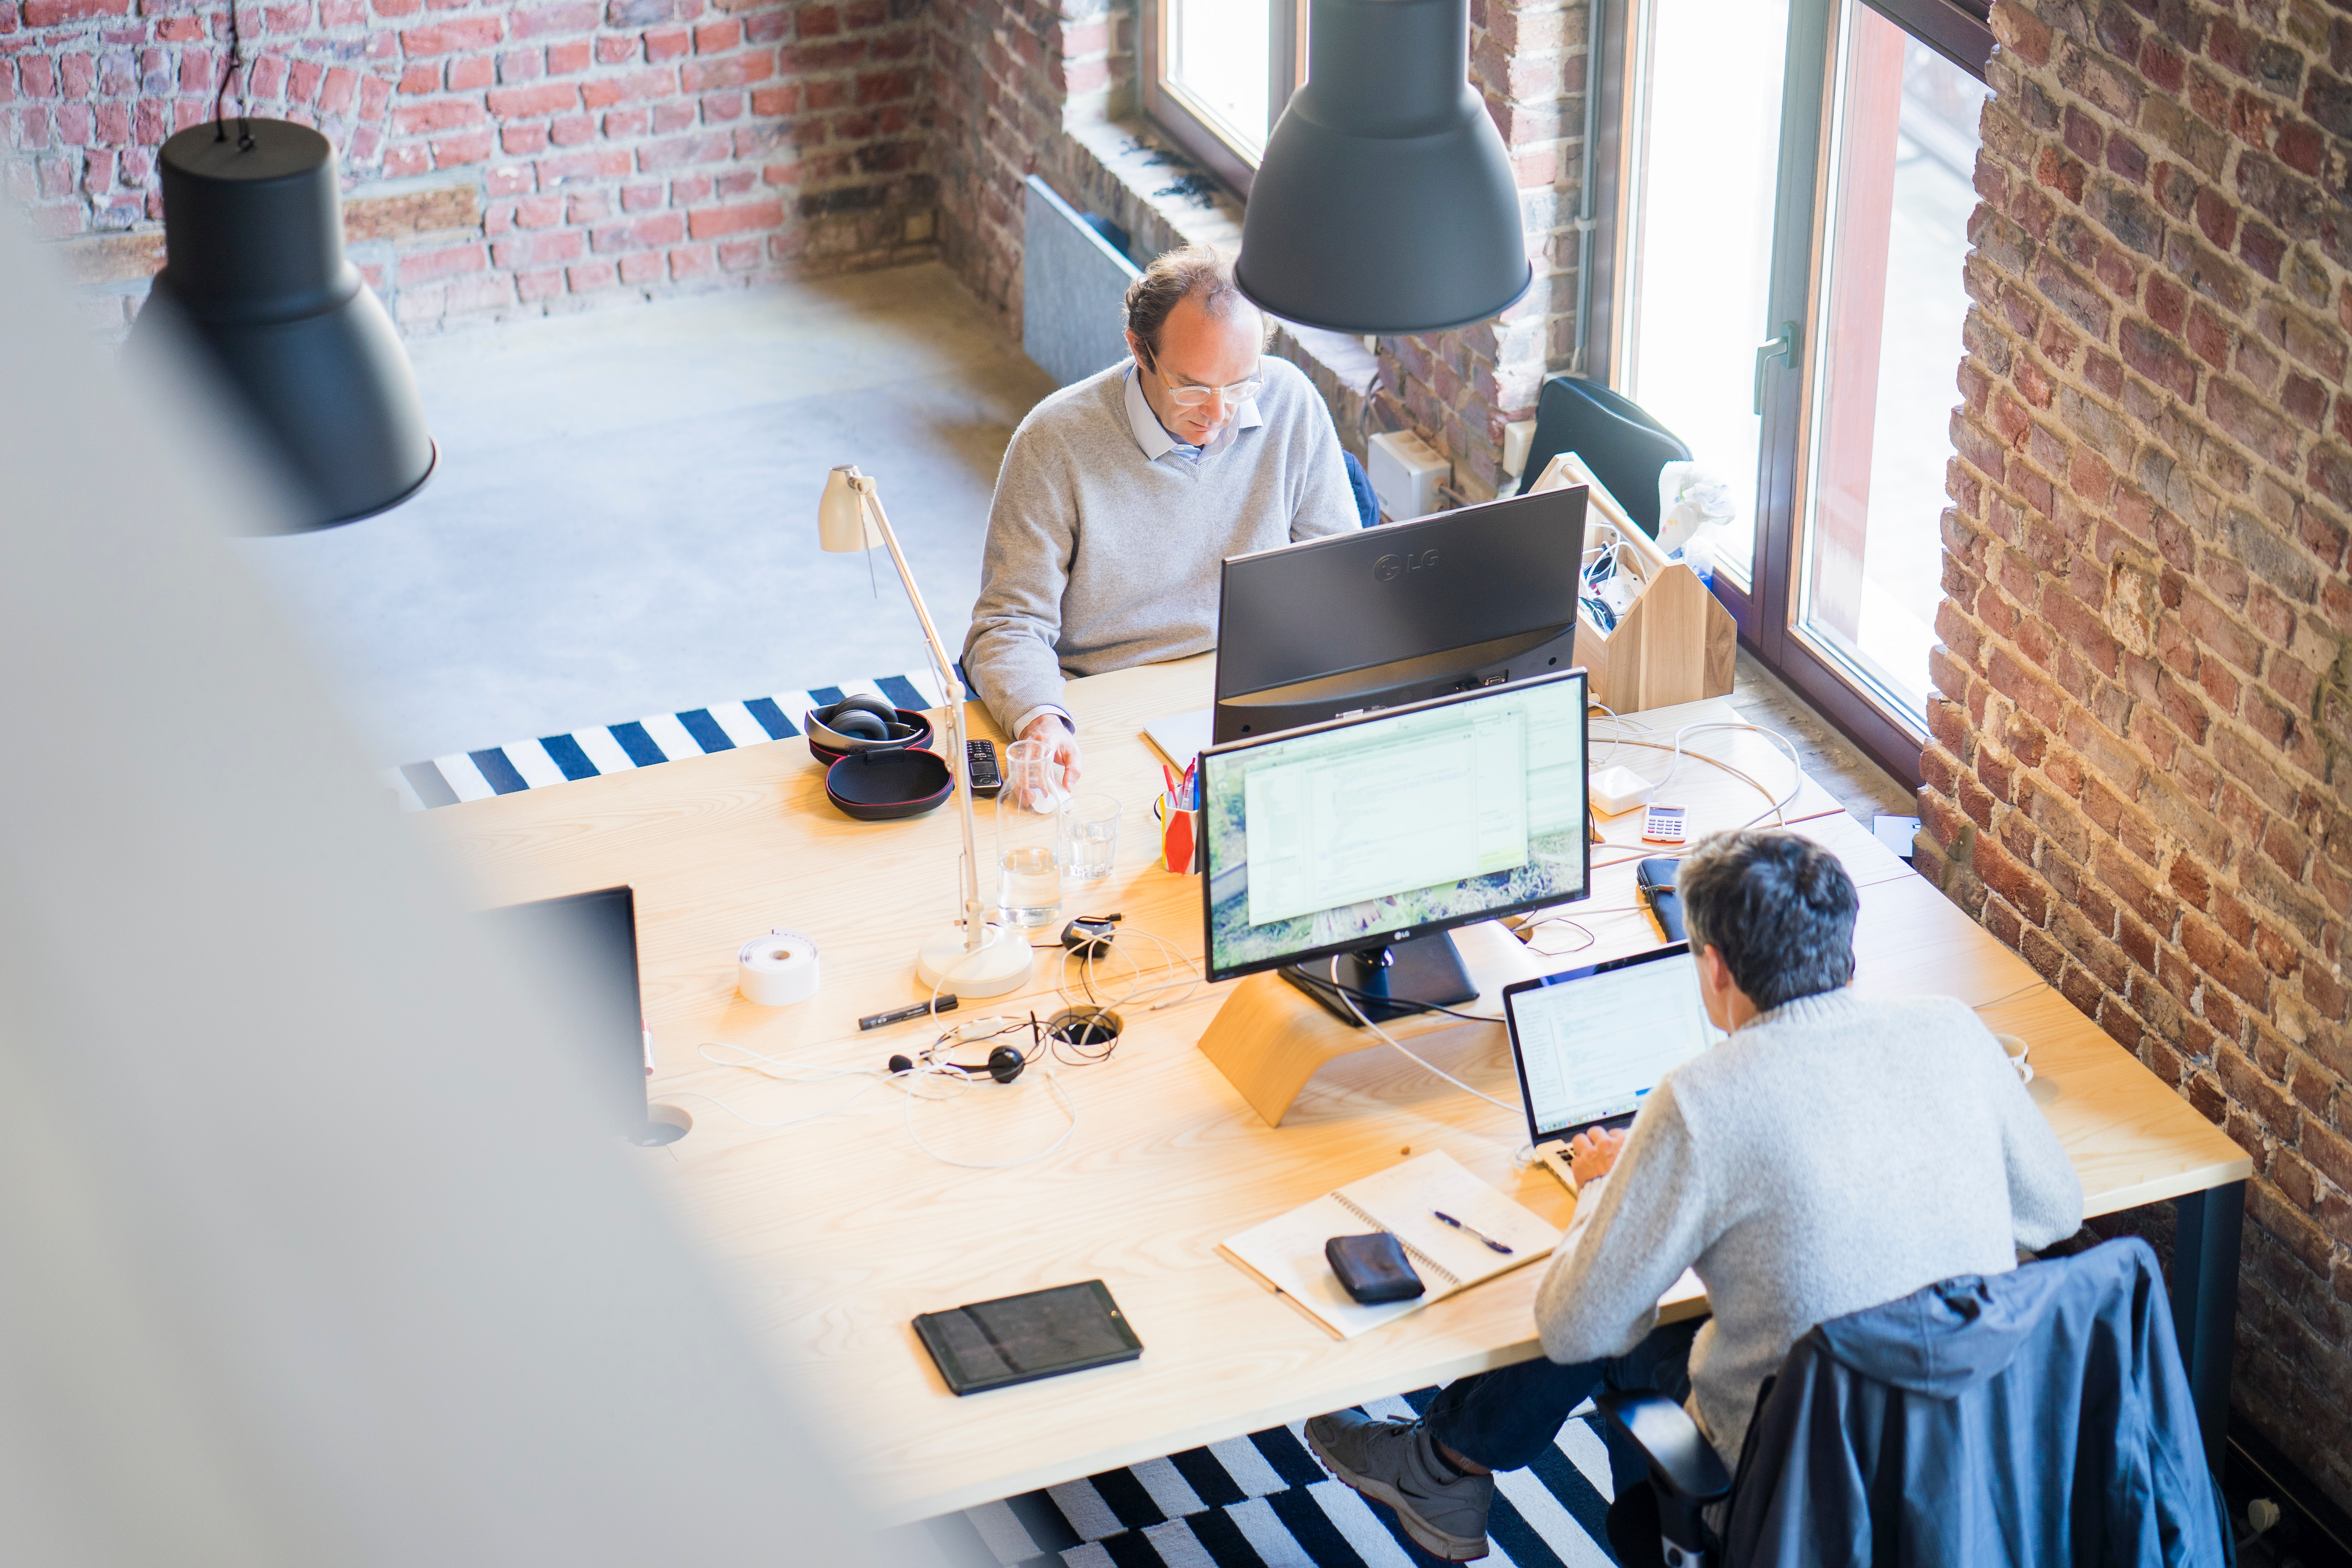 Las empresas piden más programas de formación para incrementar la oferta de perfiles digitales